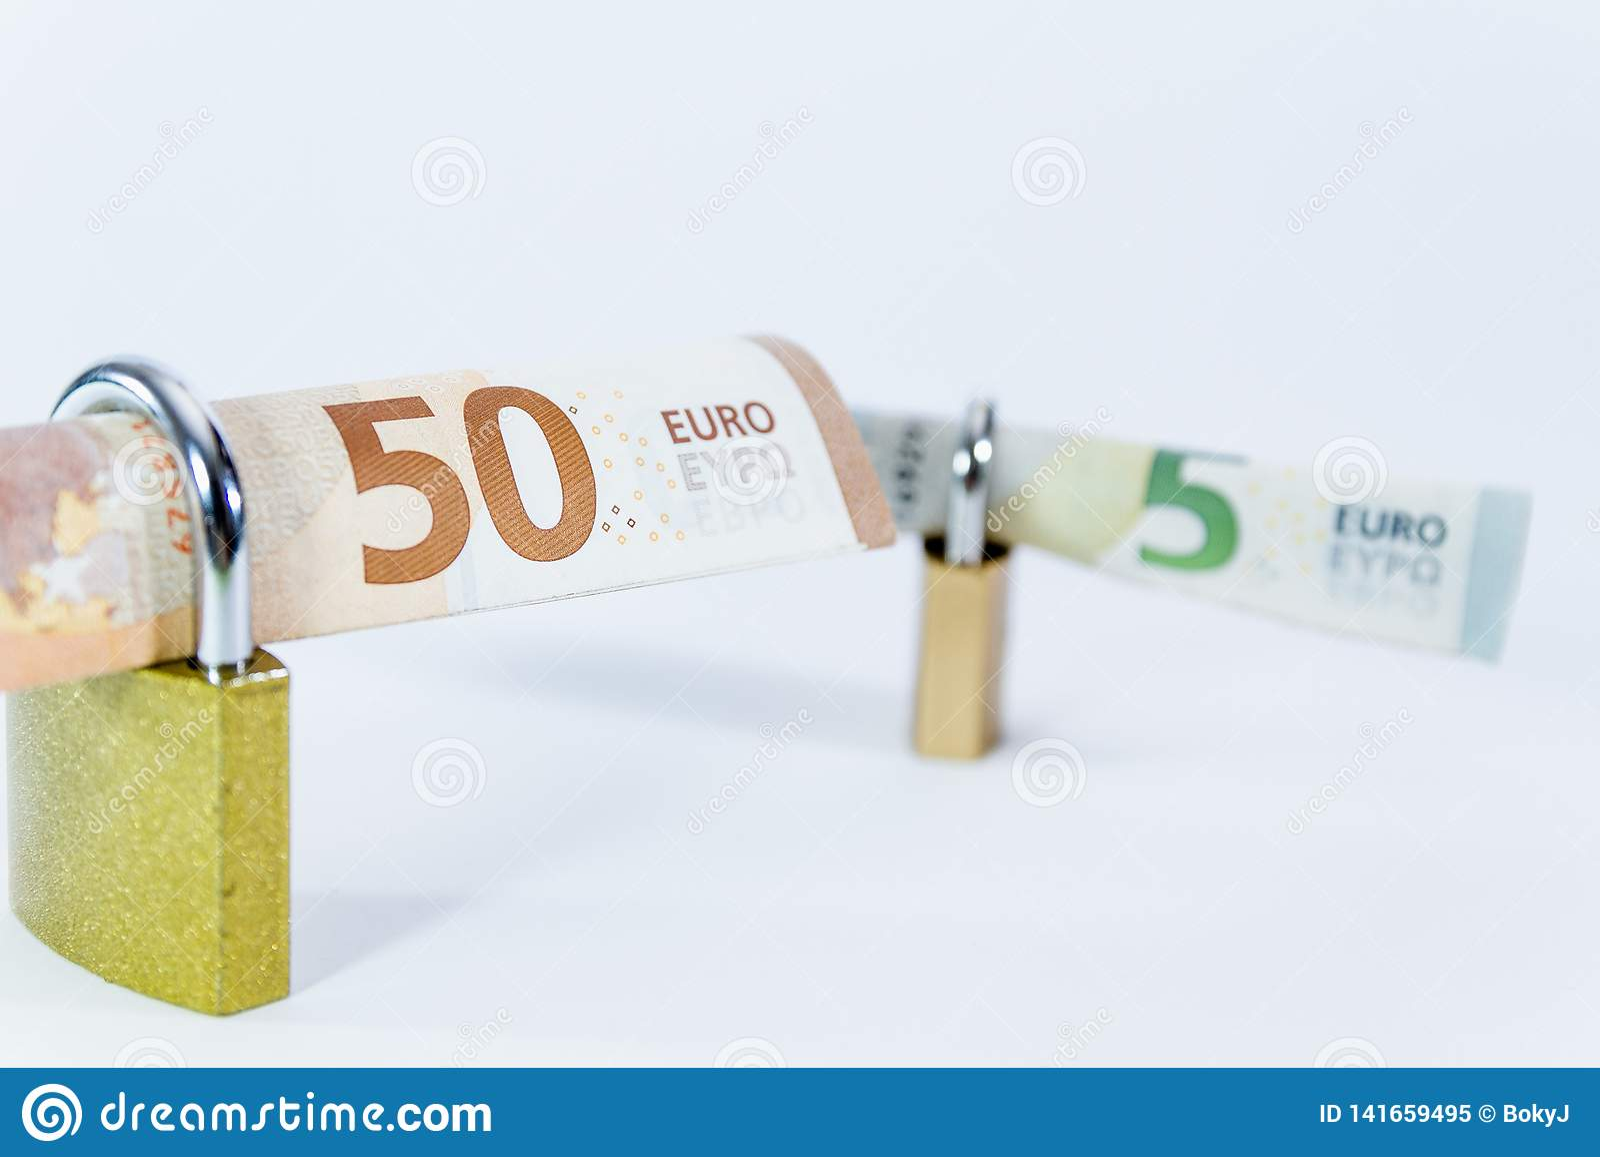 Pieniądze wartości Euro banknoty z kłódką, unia europejska system płatności